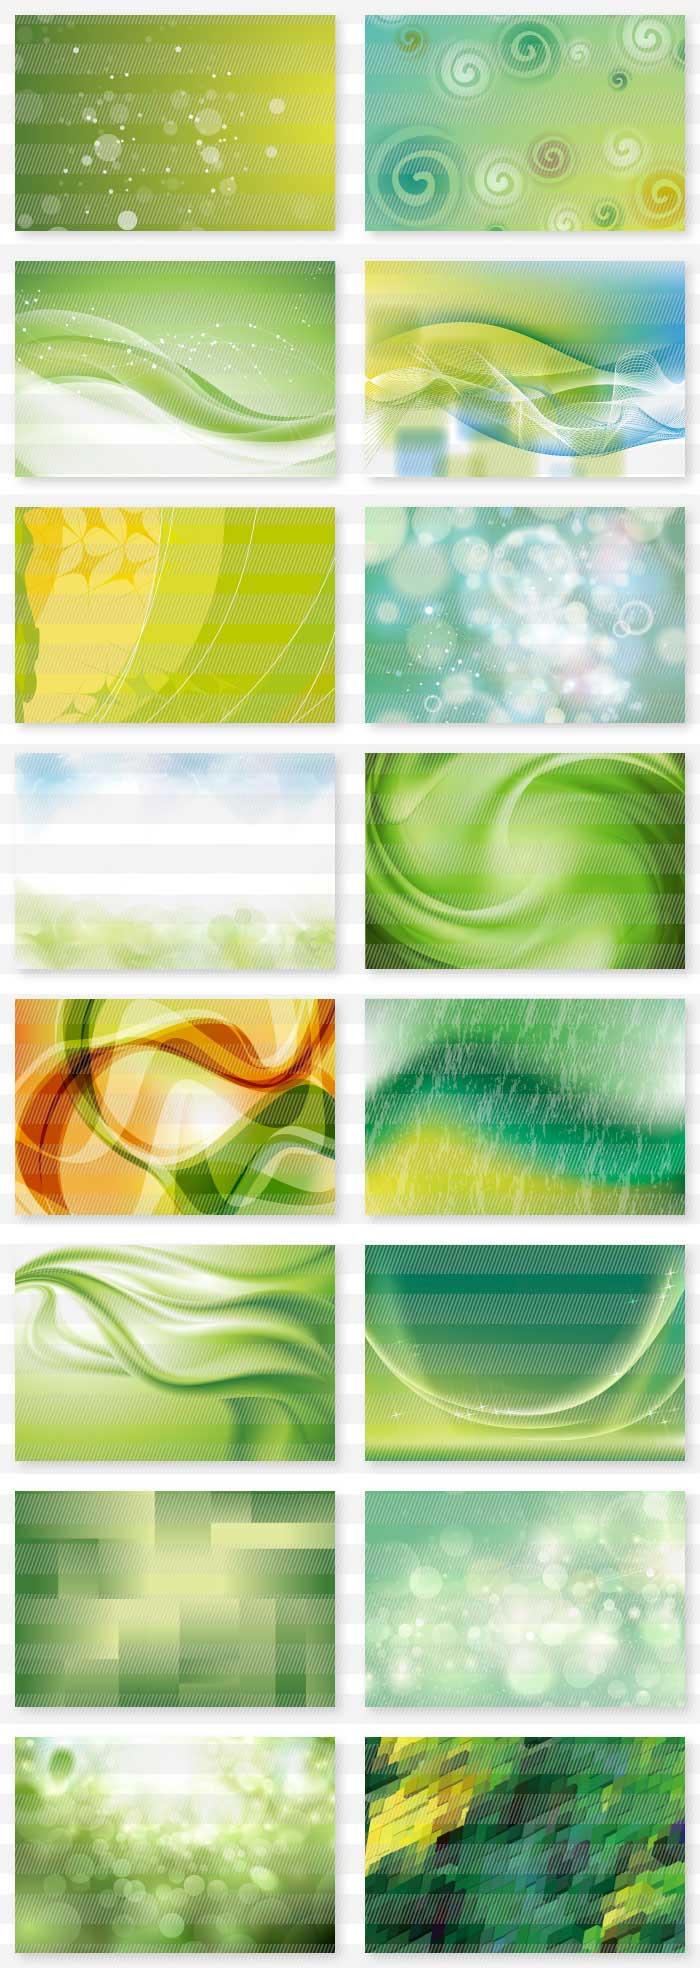 緑のイラスト背景素材